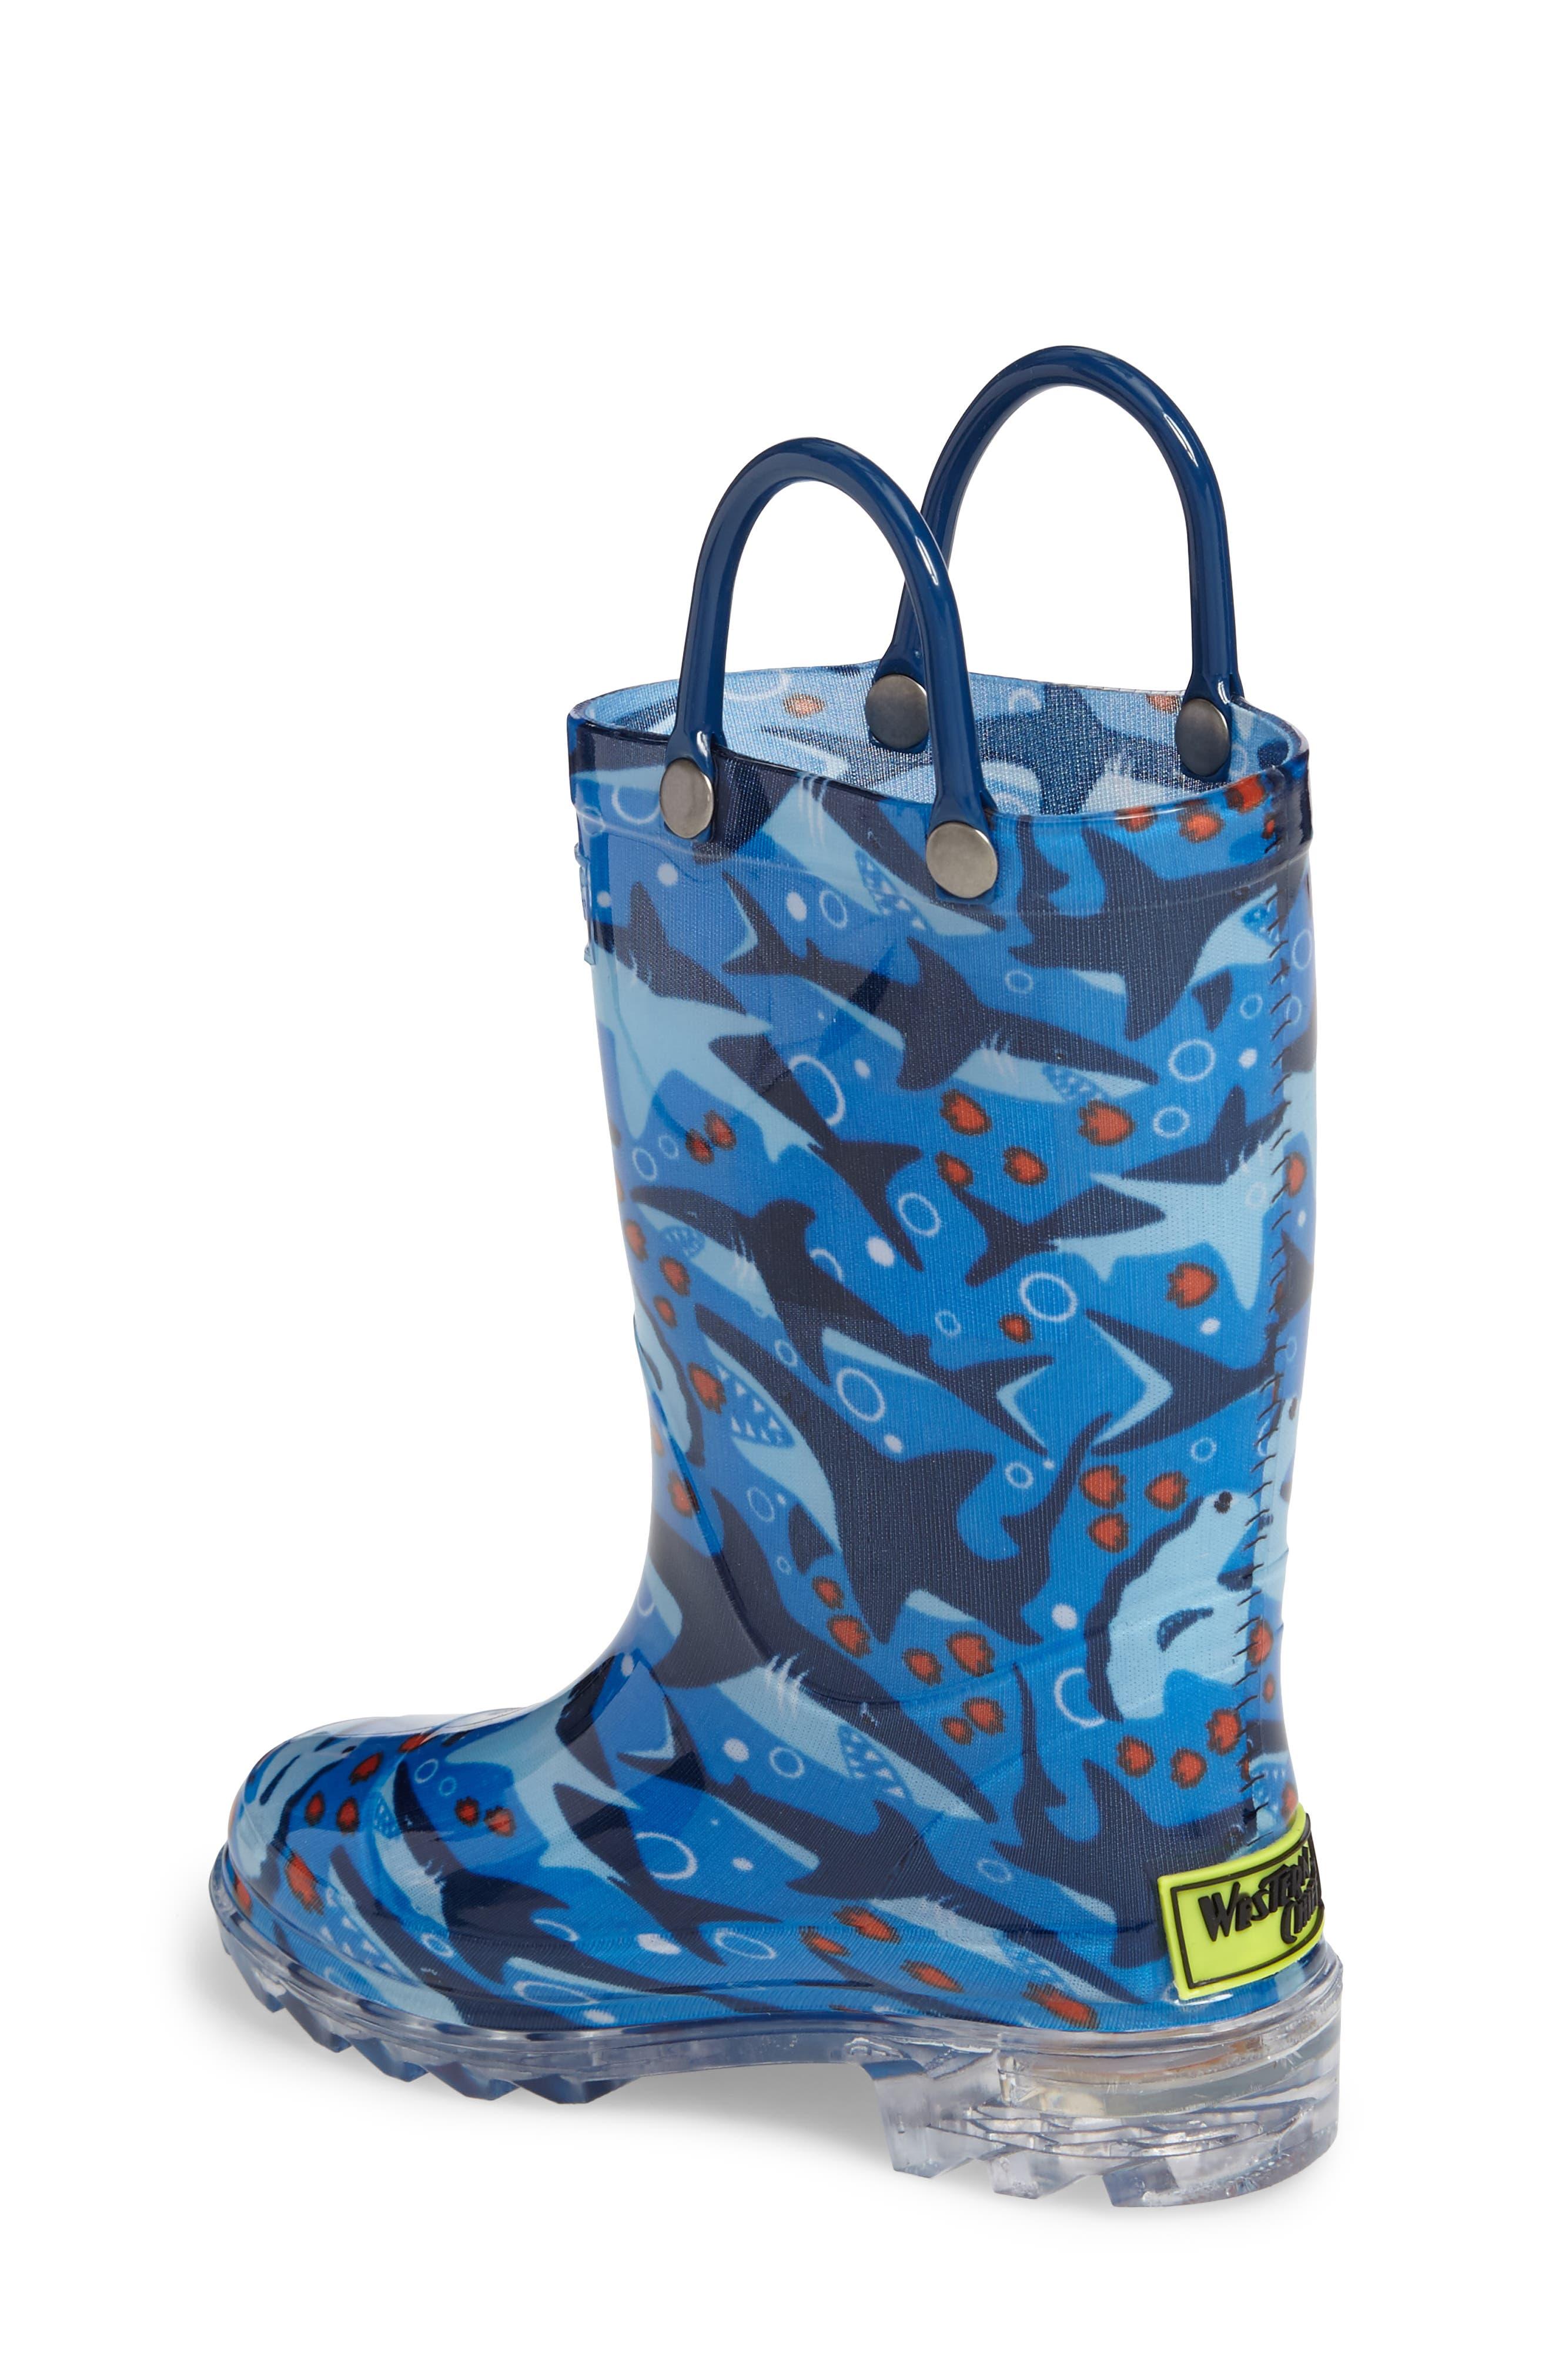 Shark Chase Light-Up Rain Boot,                             Alternate thumbnail 2, color,                             420